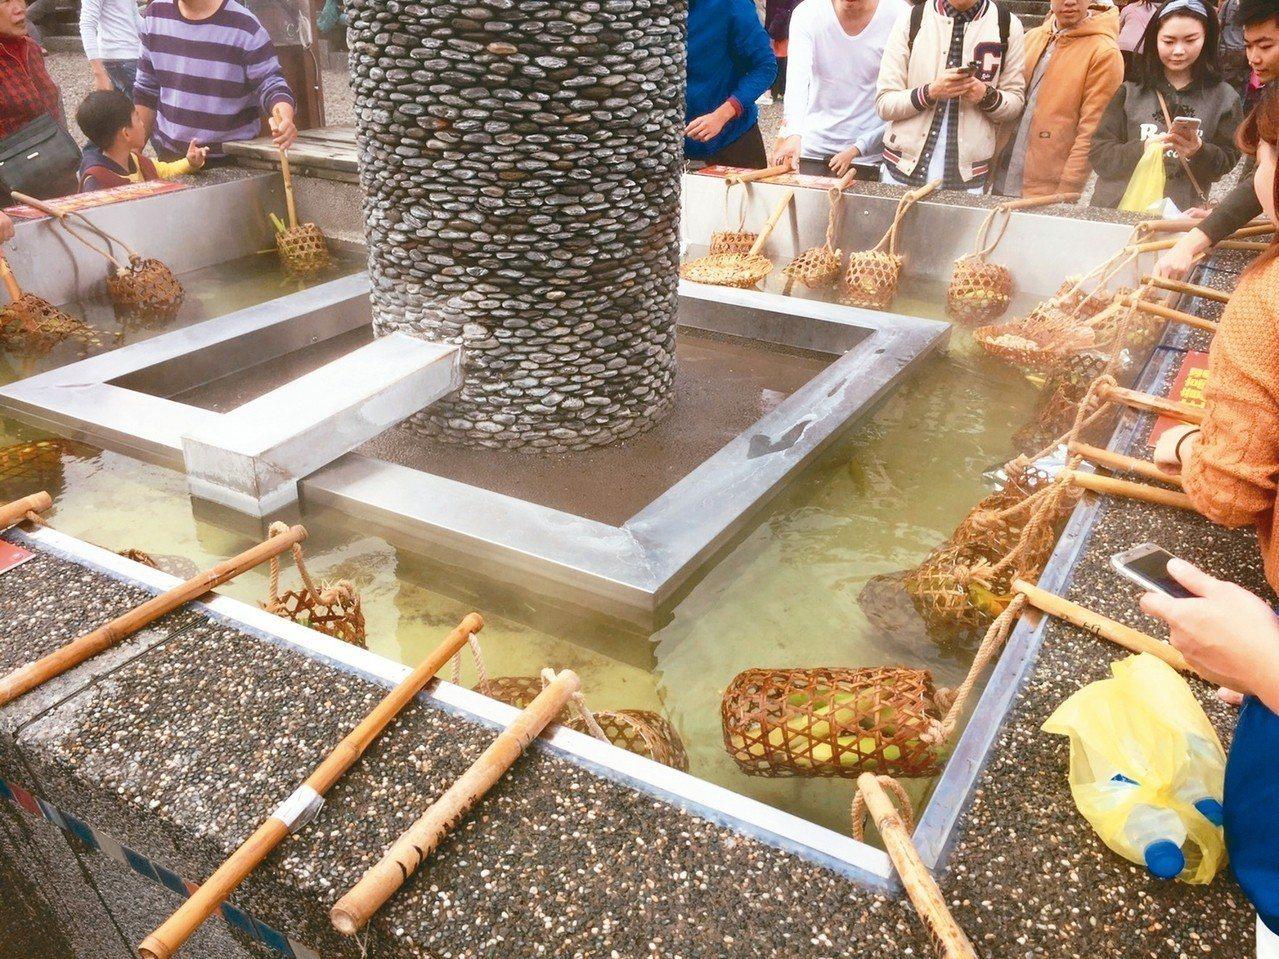 宜蘭縣清水地熱公園以地熱水煮蛋聞名。 圖/宜蘭縣府提供